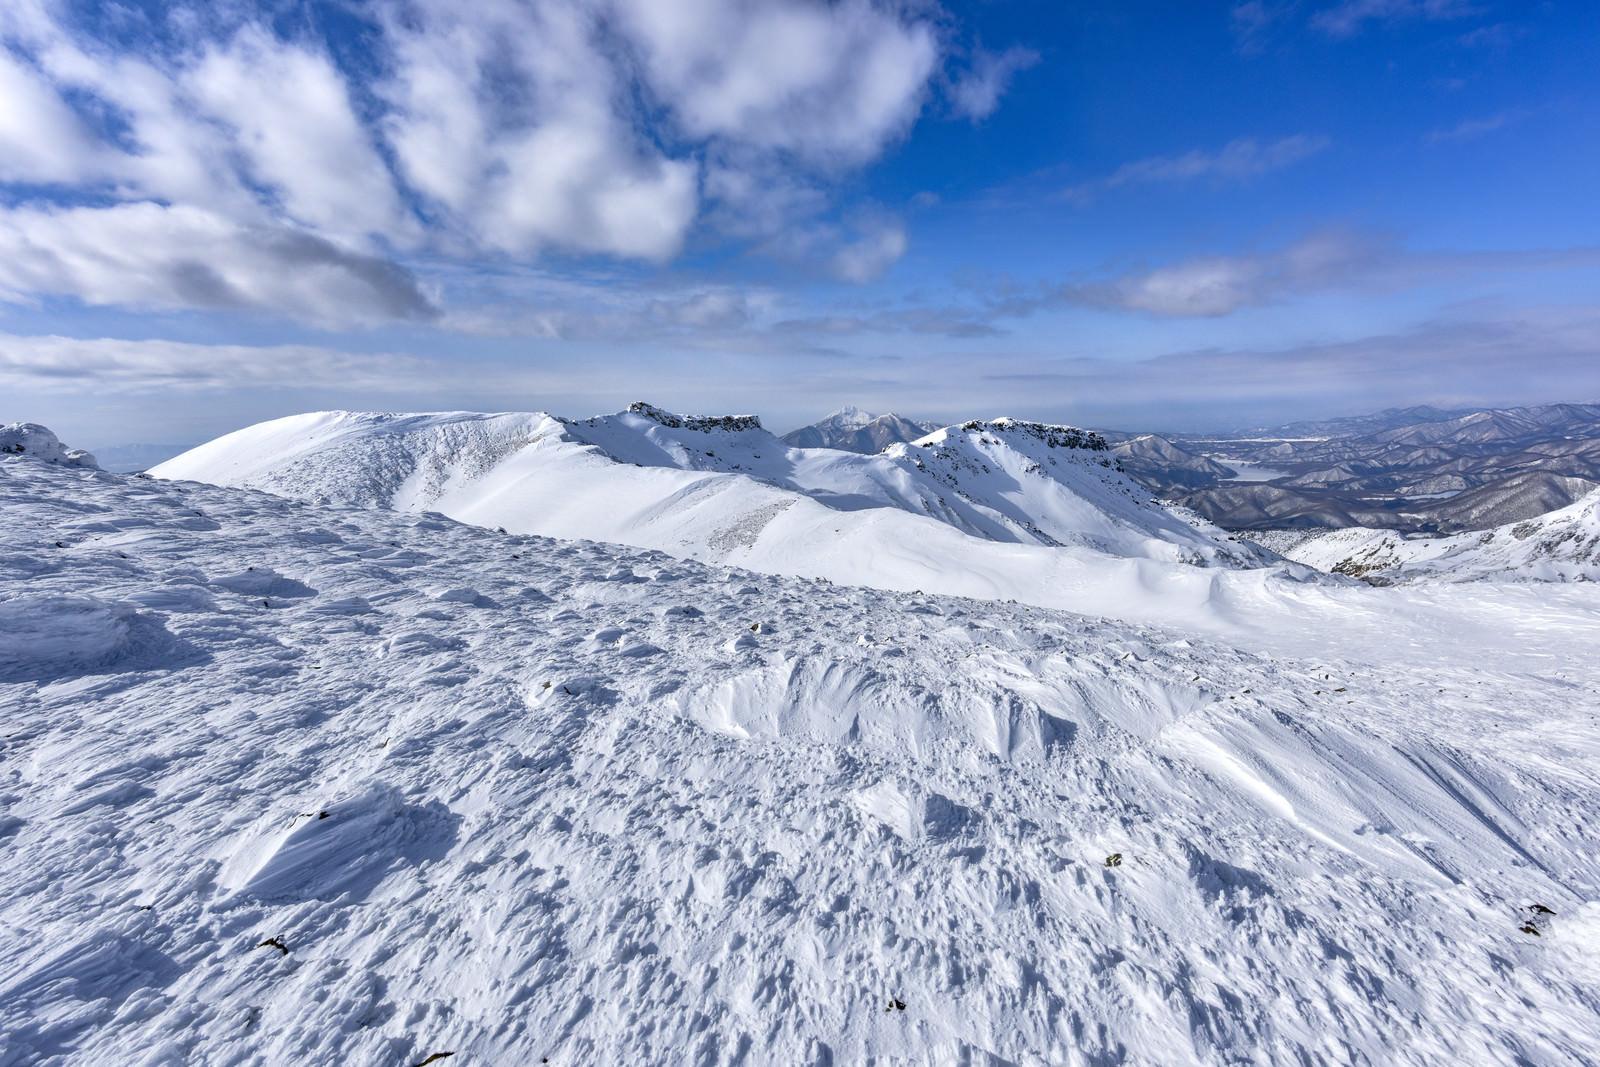 「冬の安達太良山外輪の景色」の写真